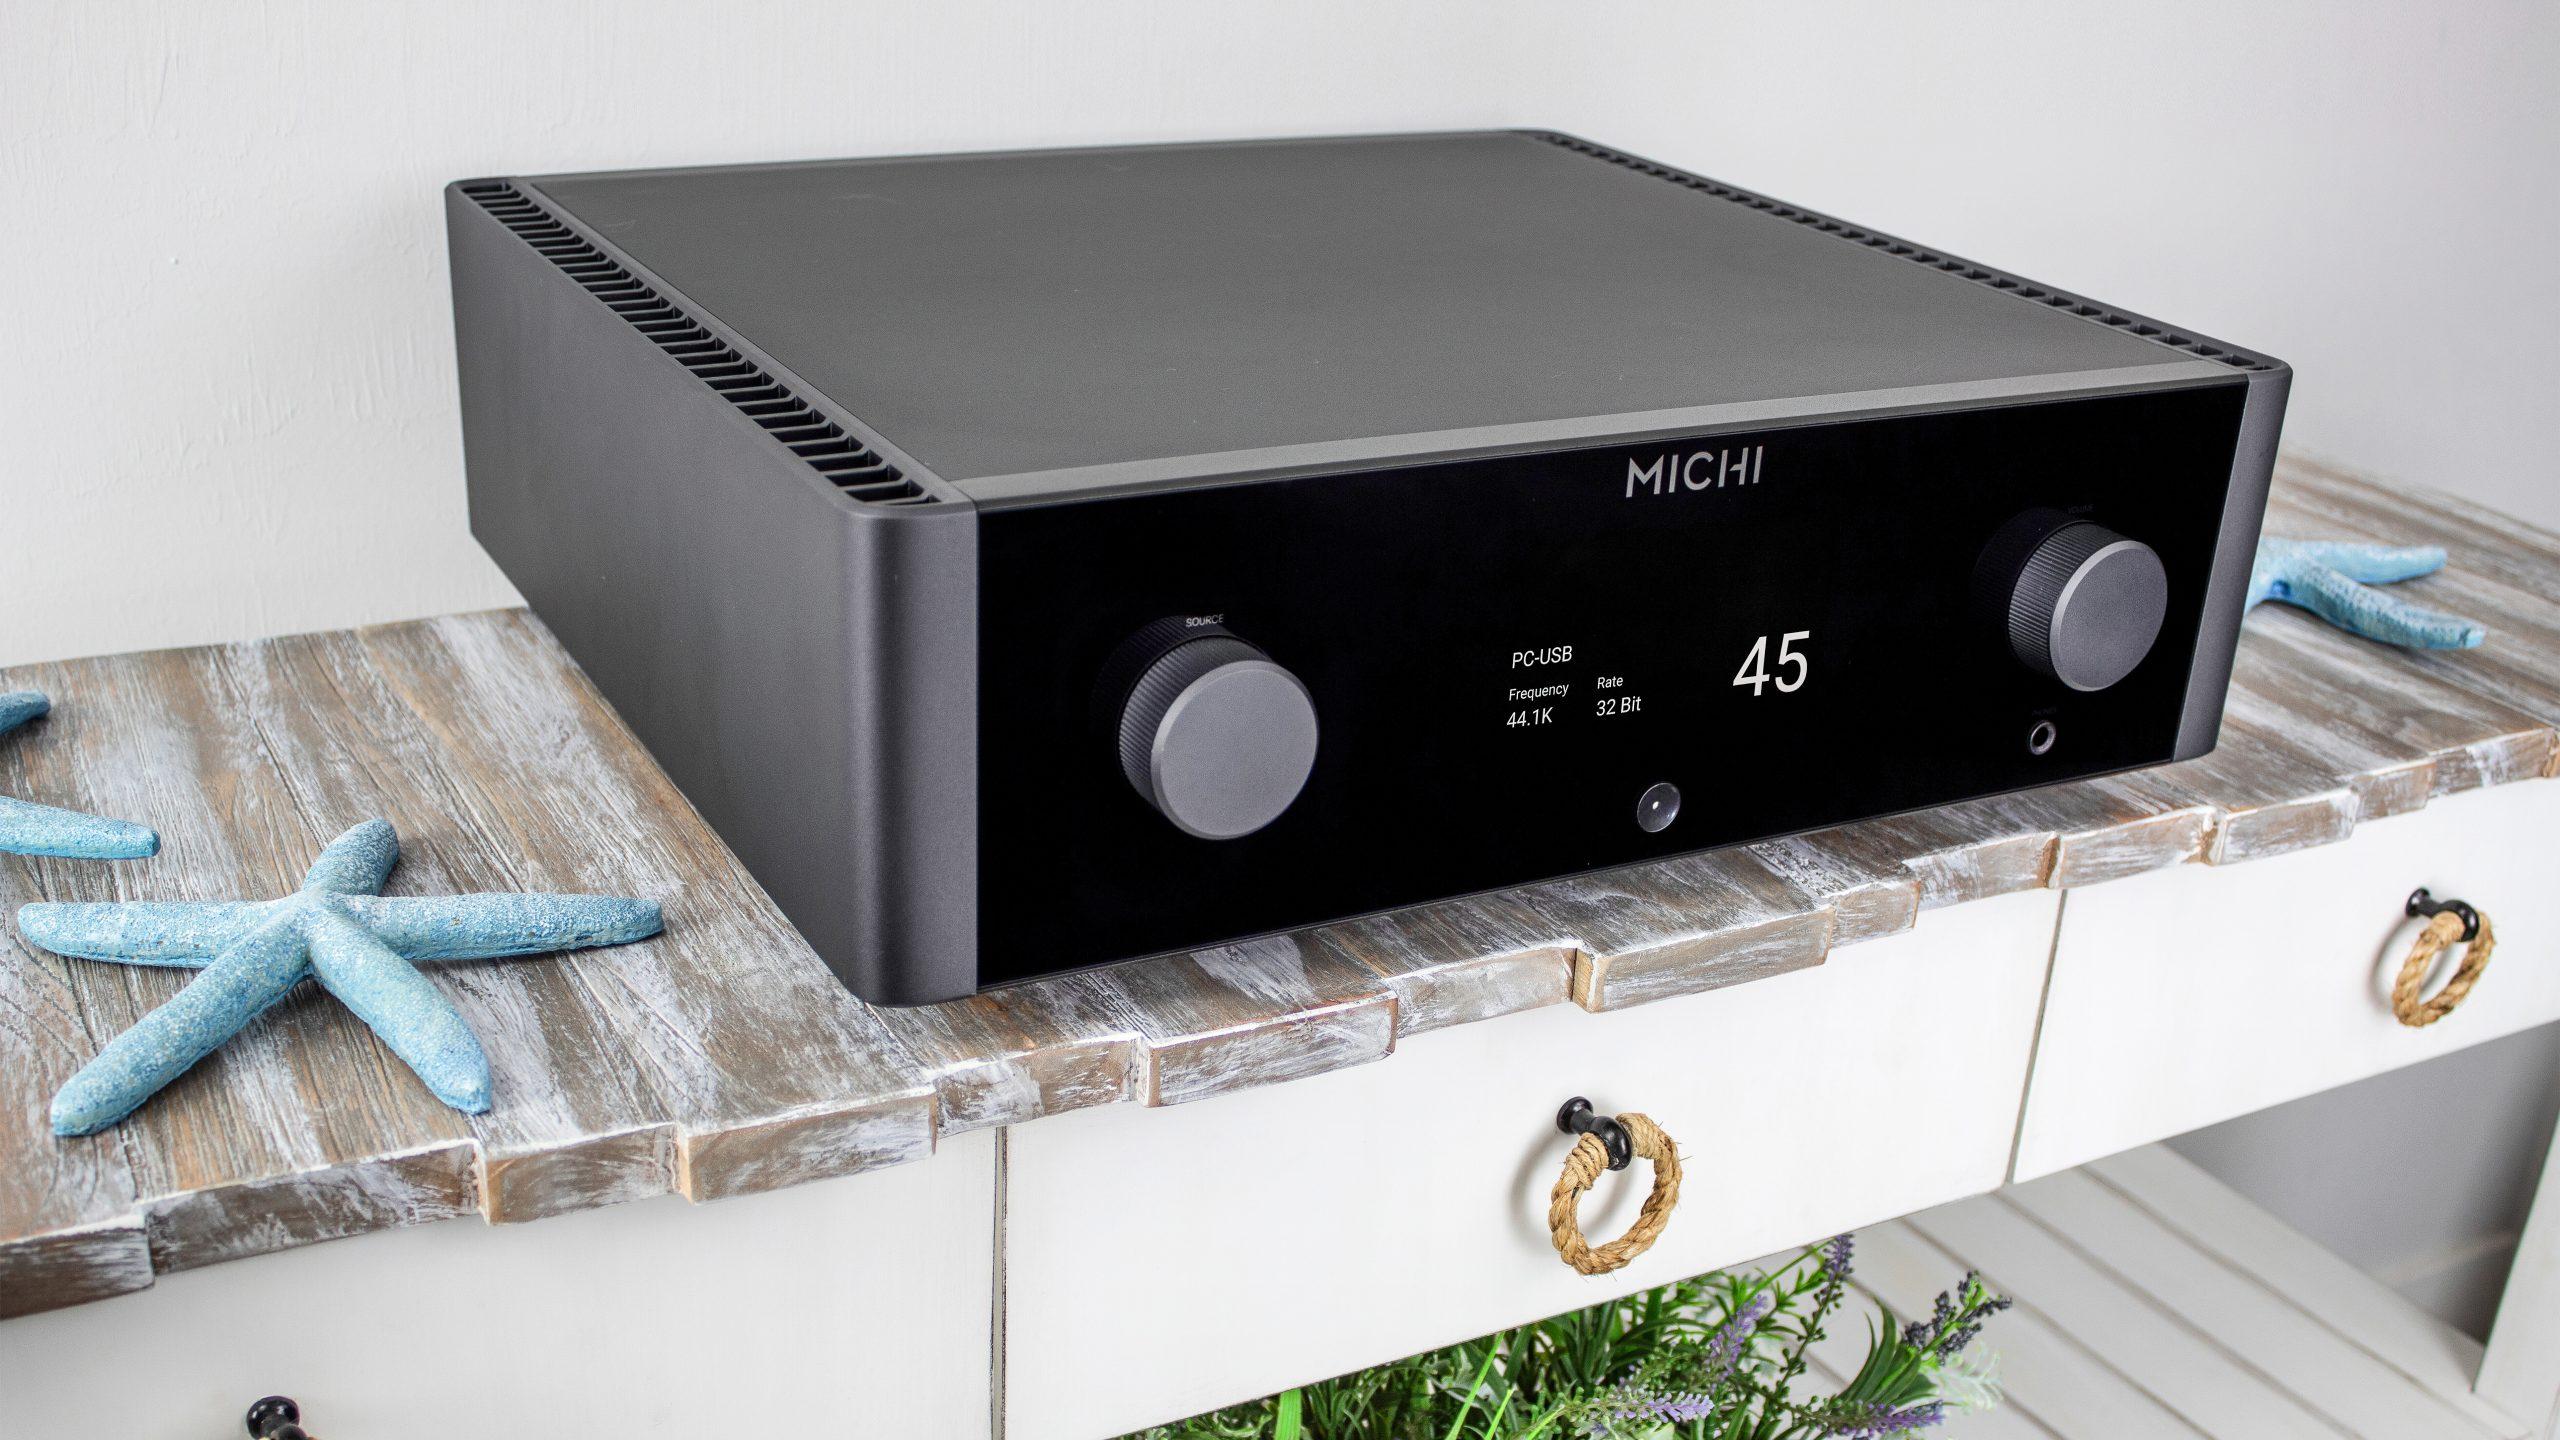 Michi X3 Loft1